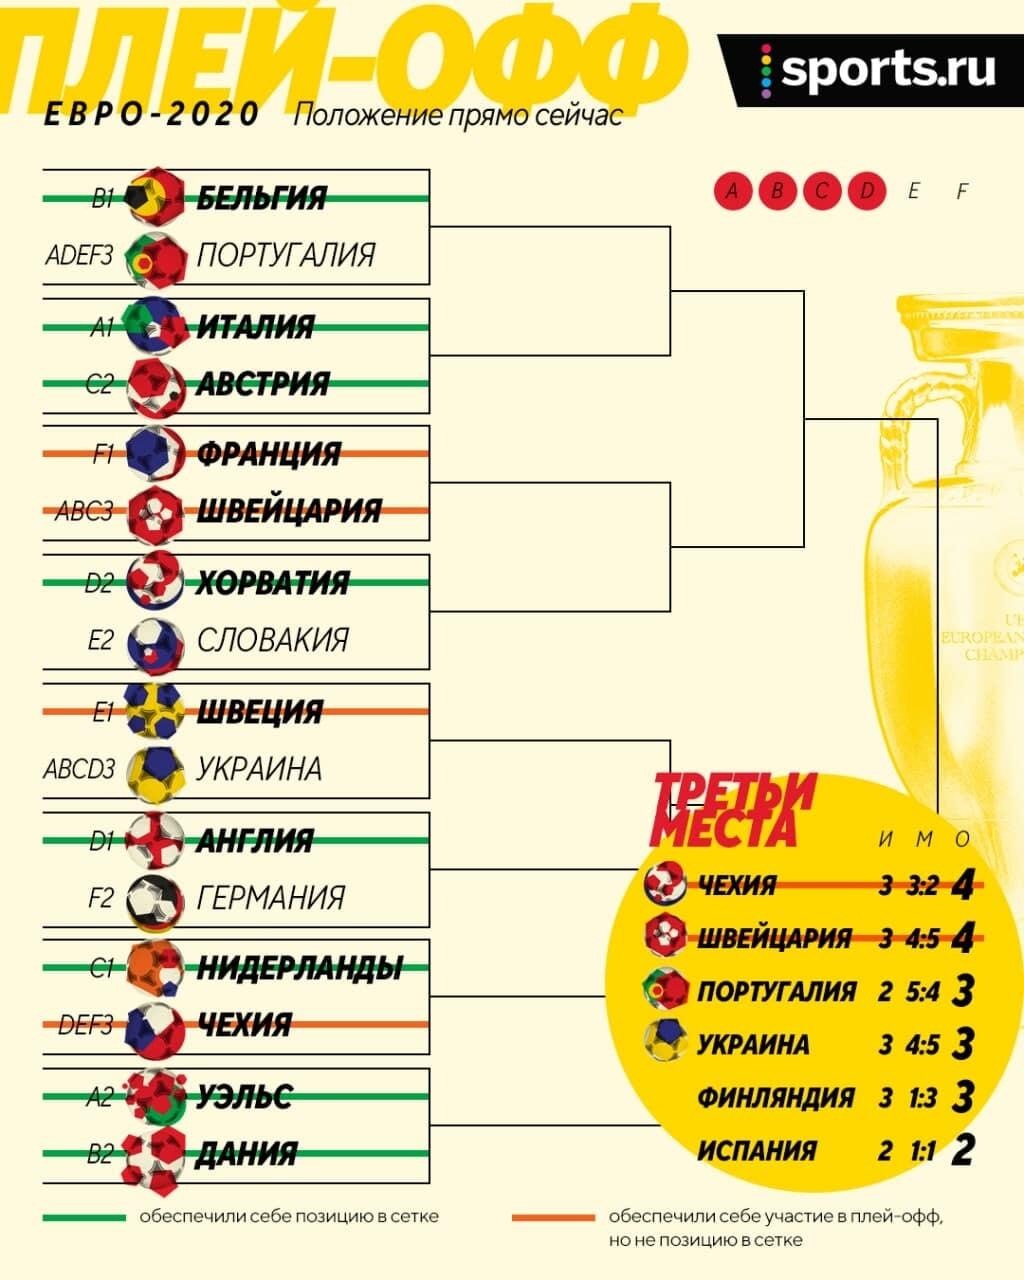 Украина может выйти в плей-офф Евро, если хотя бы в одной из двух групп 3-е место будет хуже